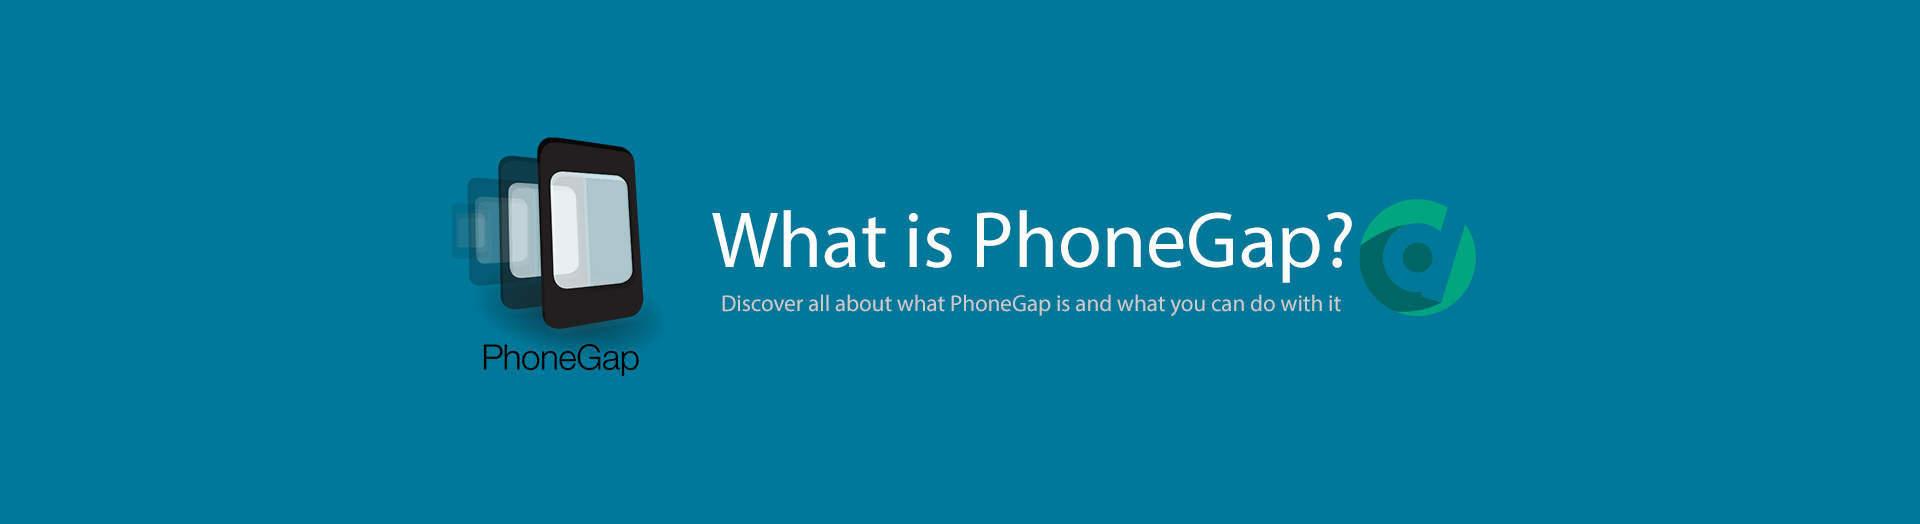 PhoneGap Mobile App Development